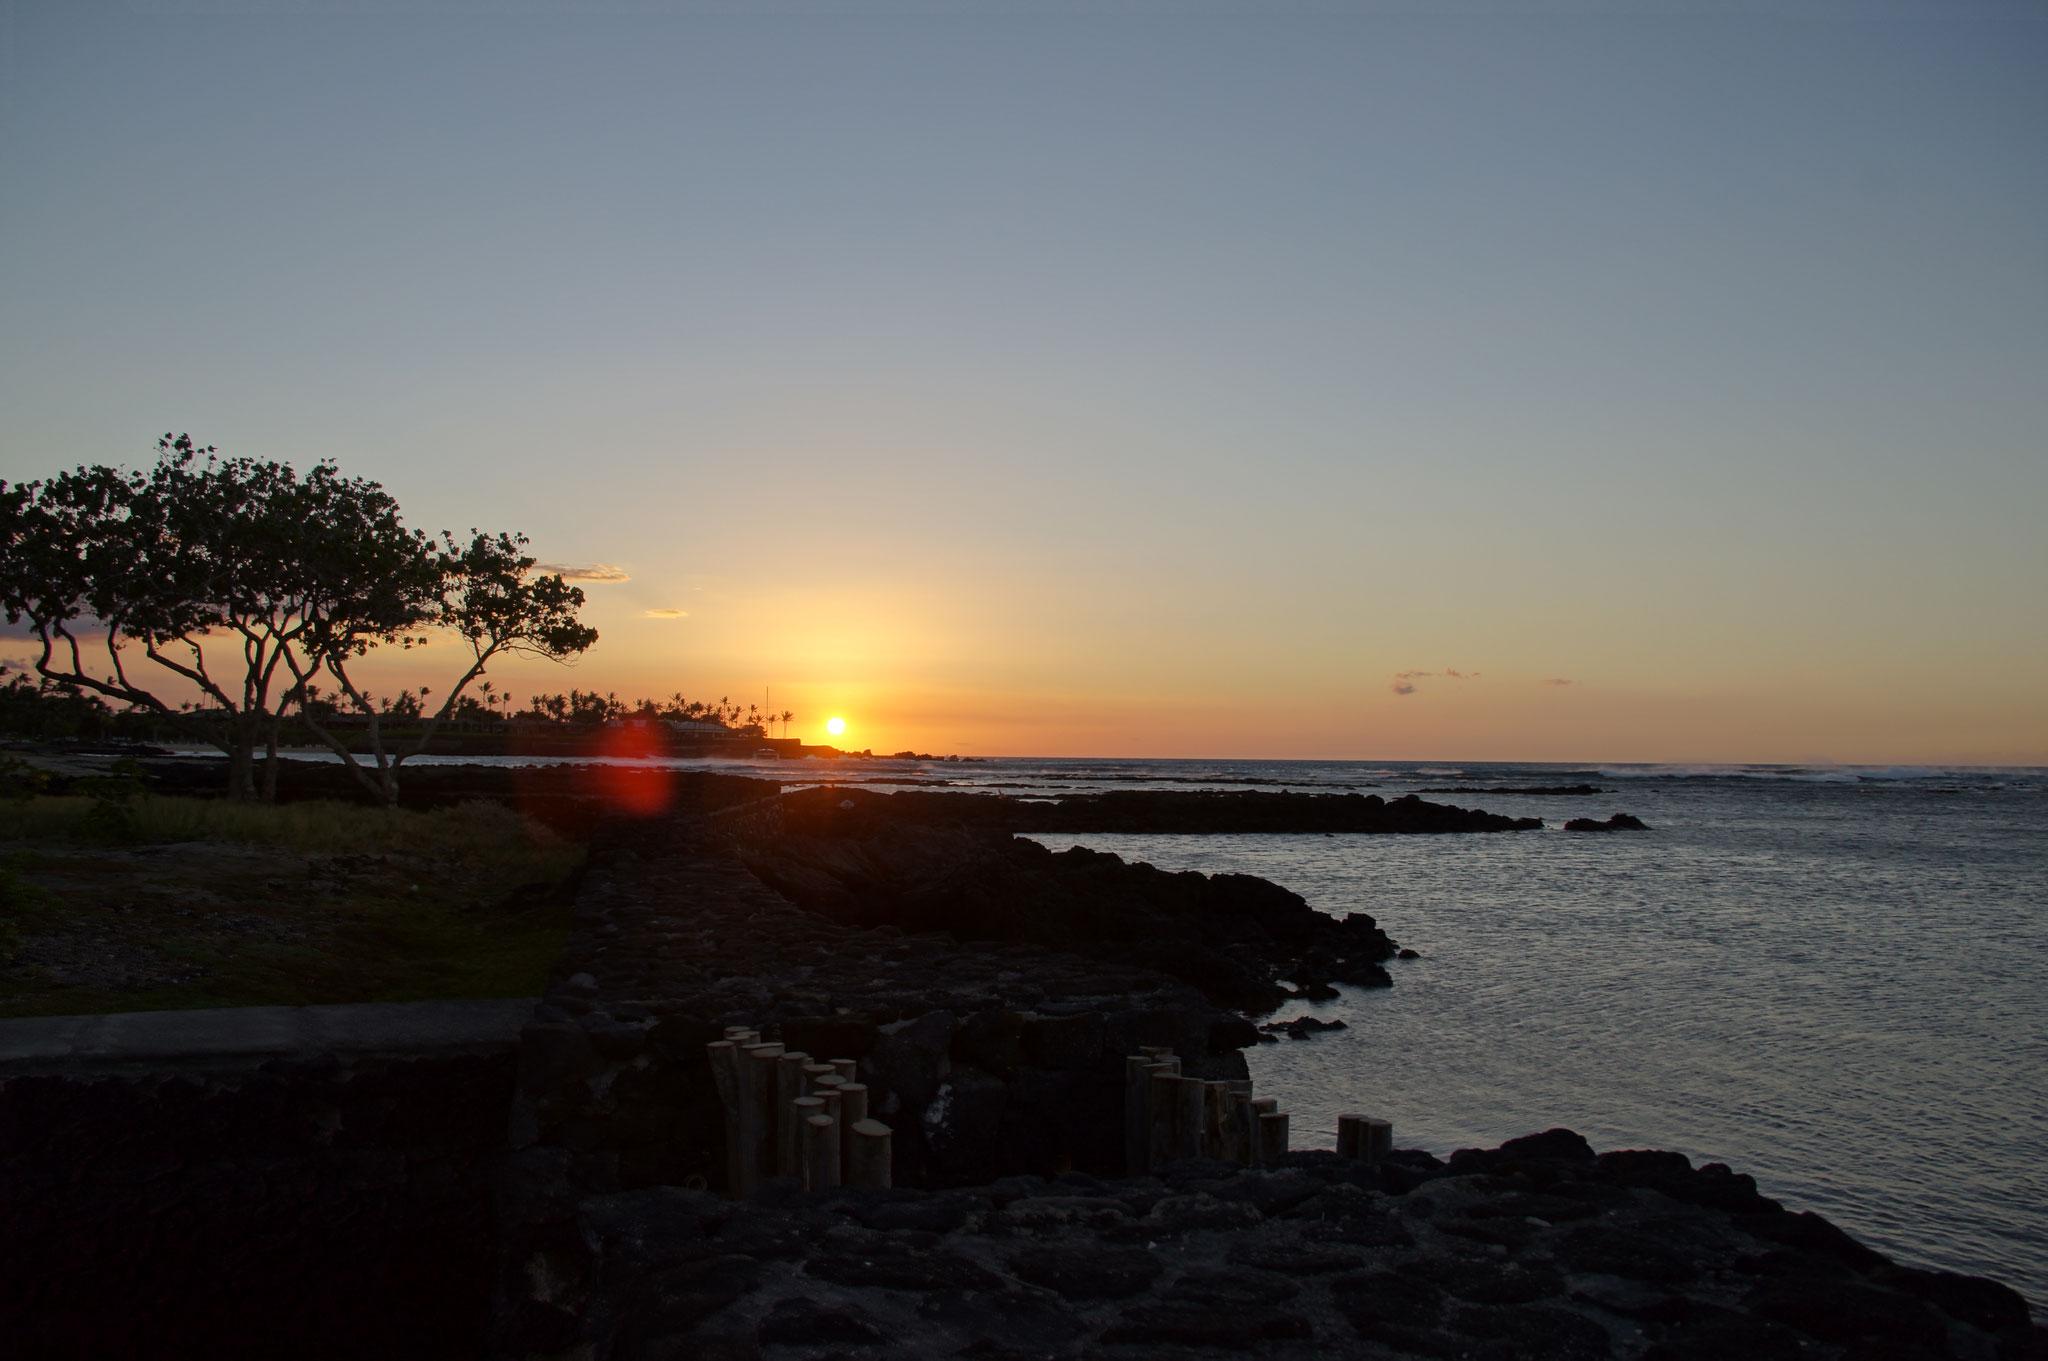 und abends erneut ein wunderschöner Sonnenuntergang